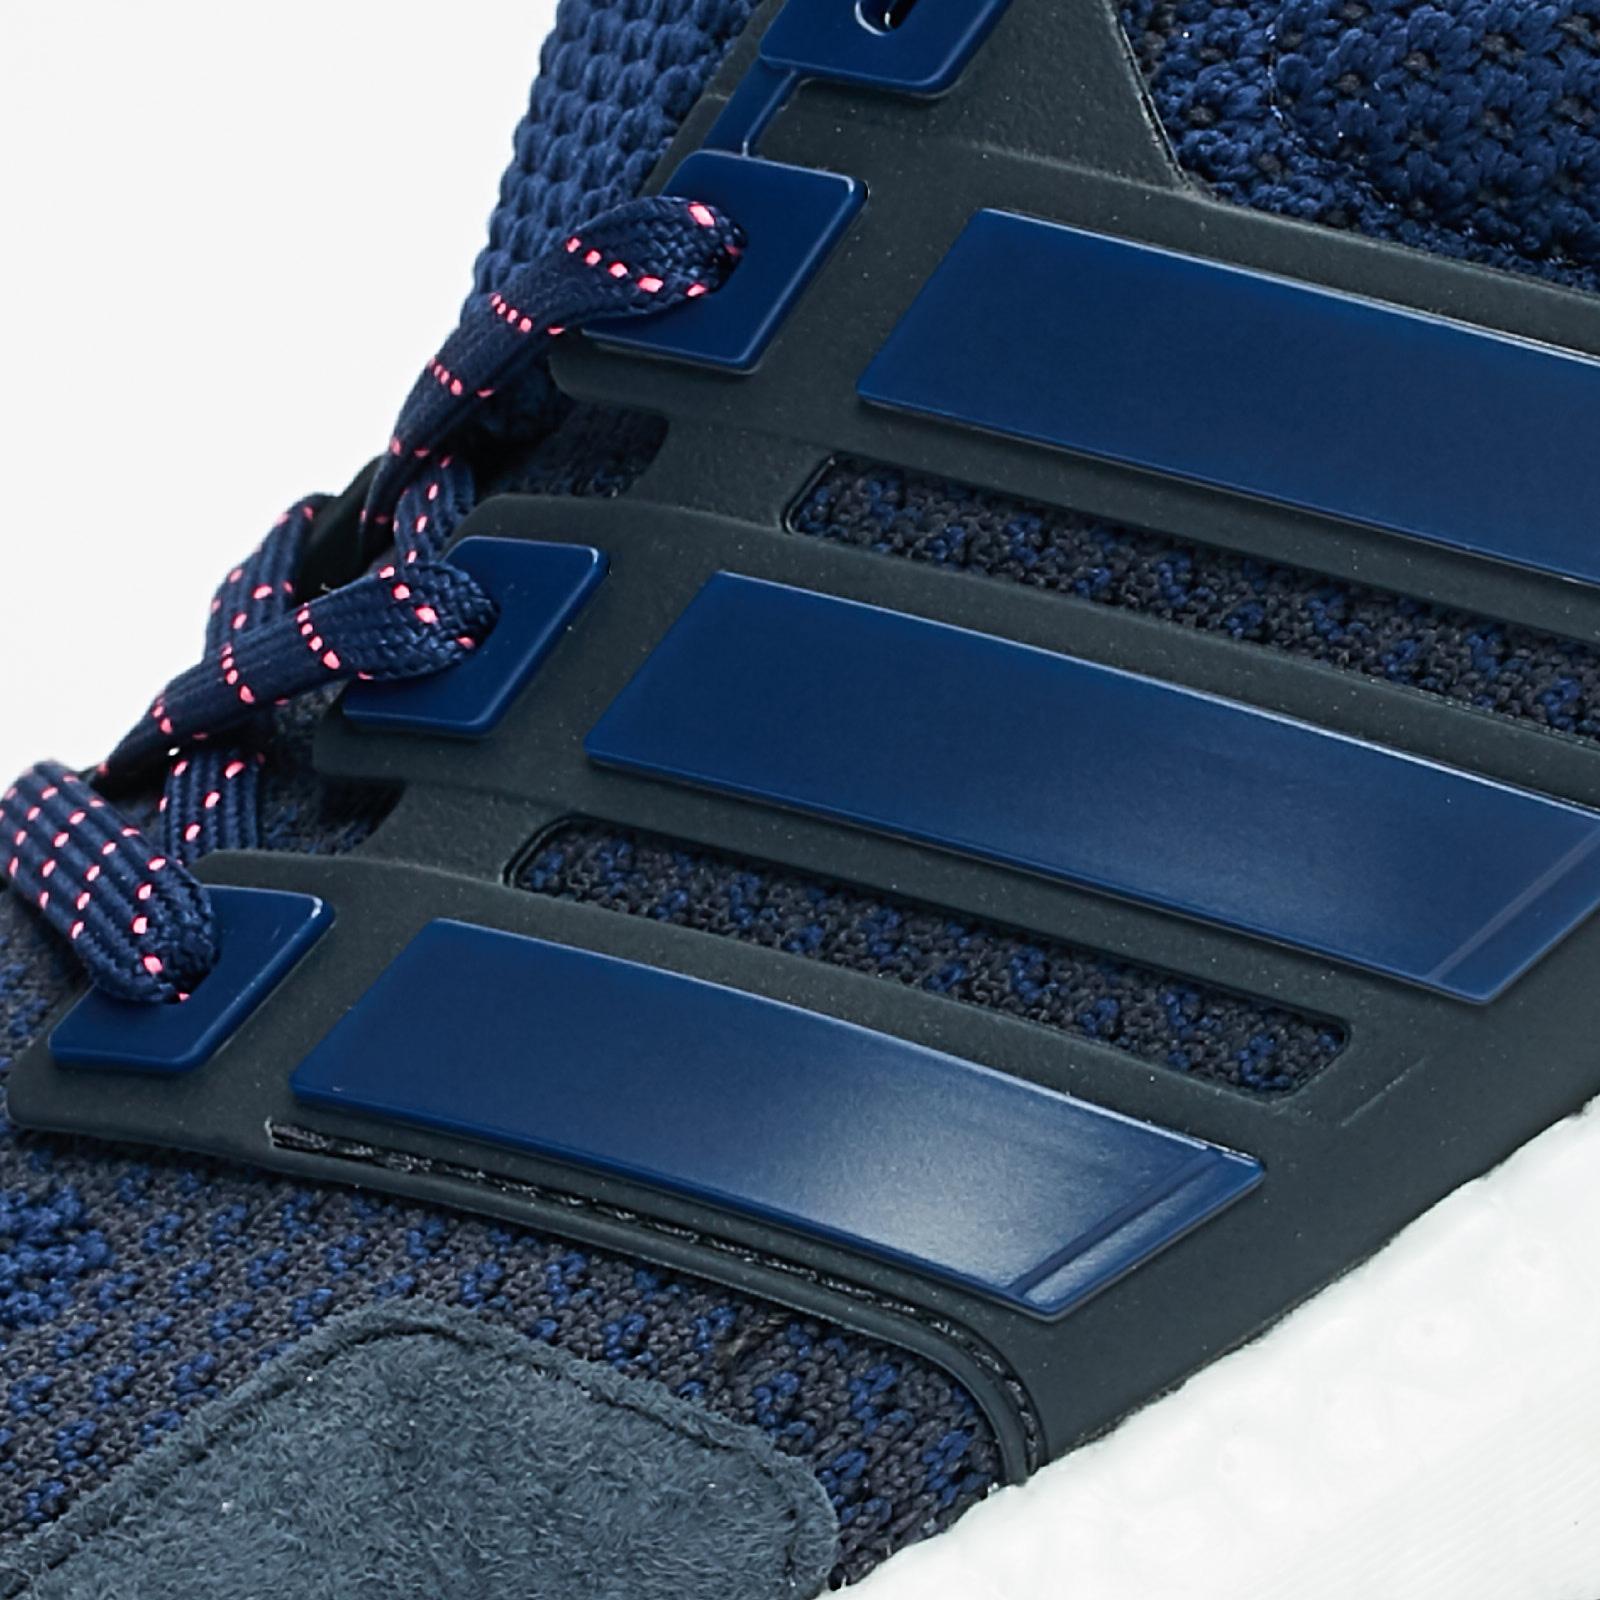 new product b4b0c 28a35 adidas UltraBOOST x Kinfolk - Bb9520 - Sneakersnstuff ...